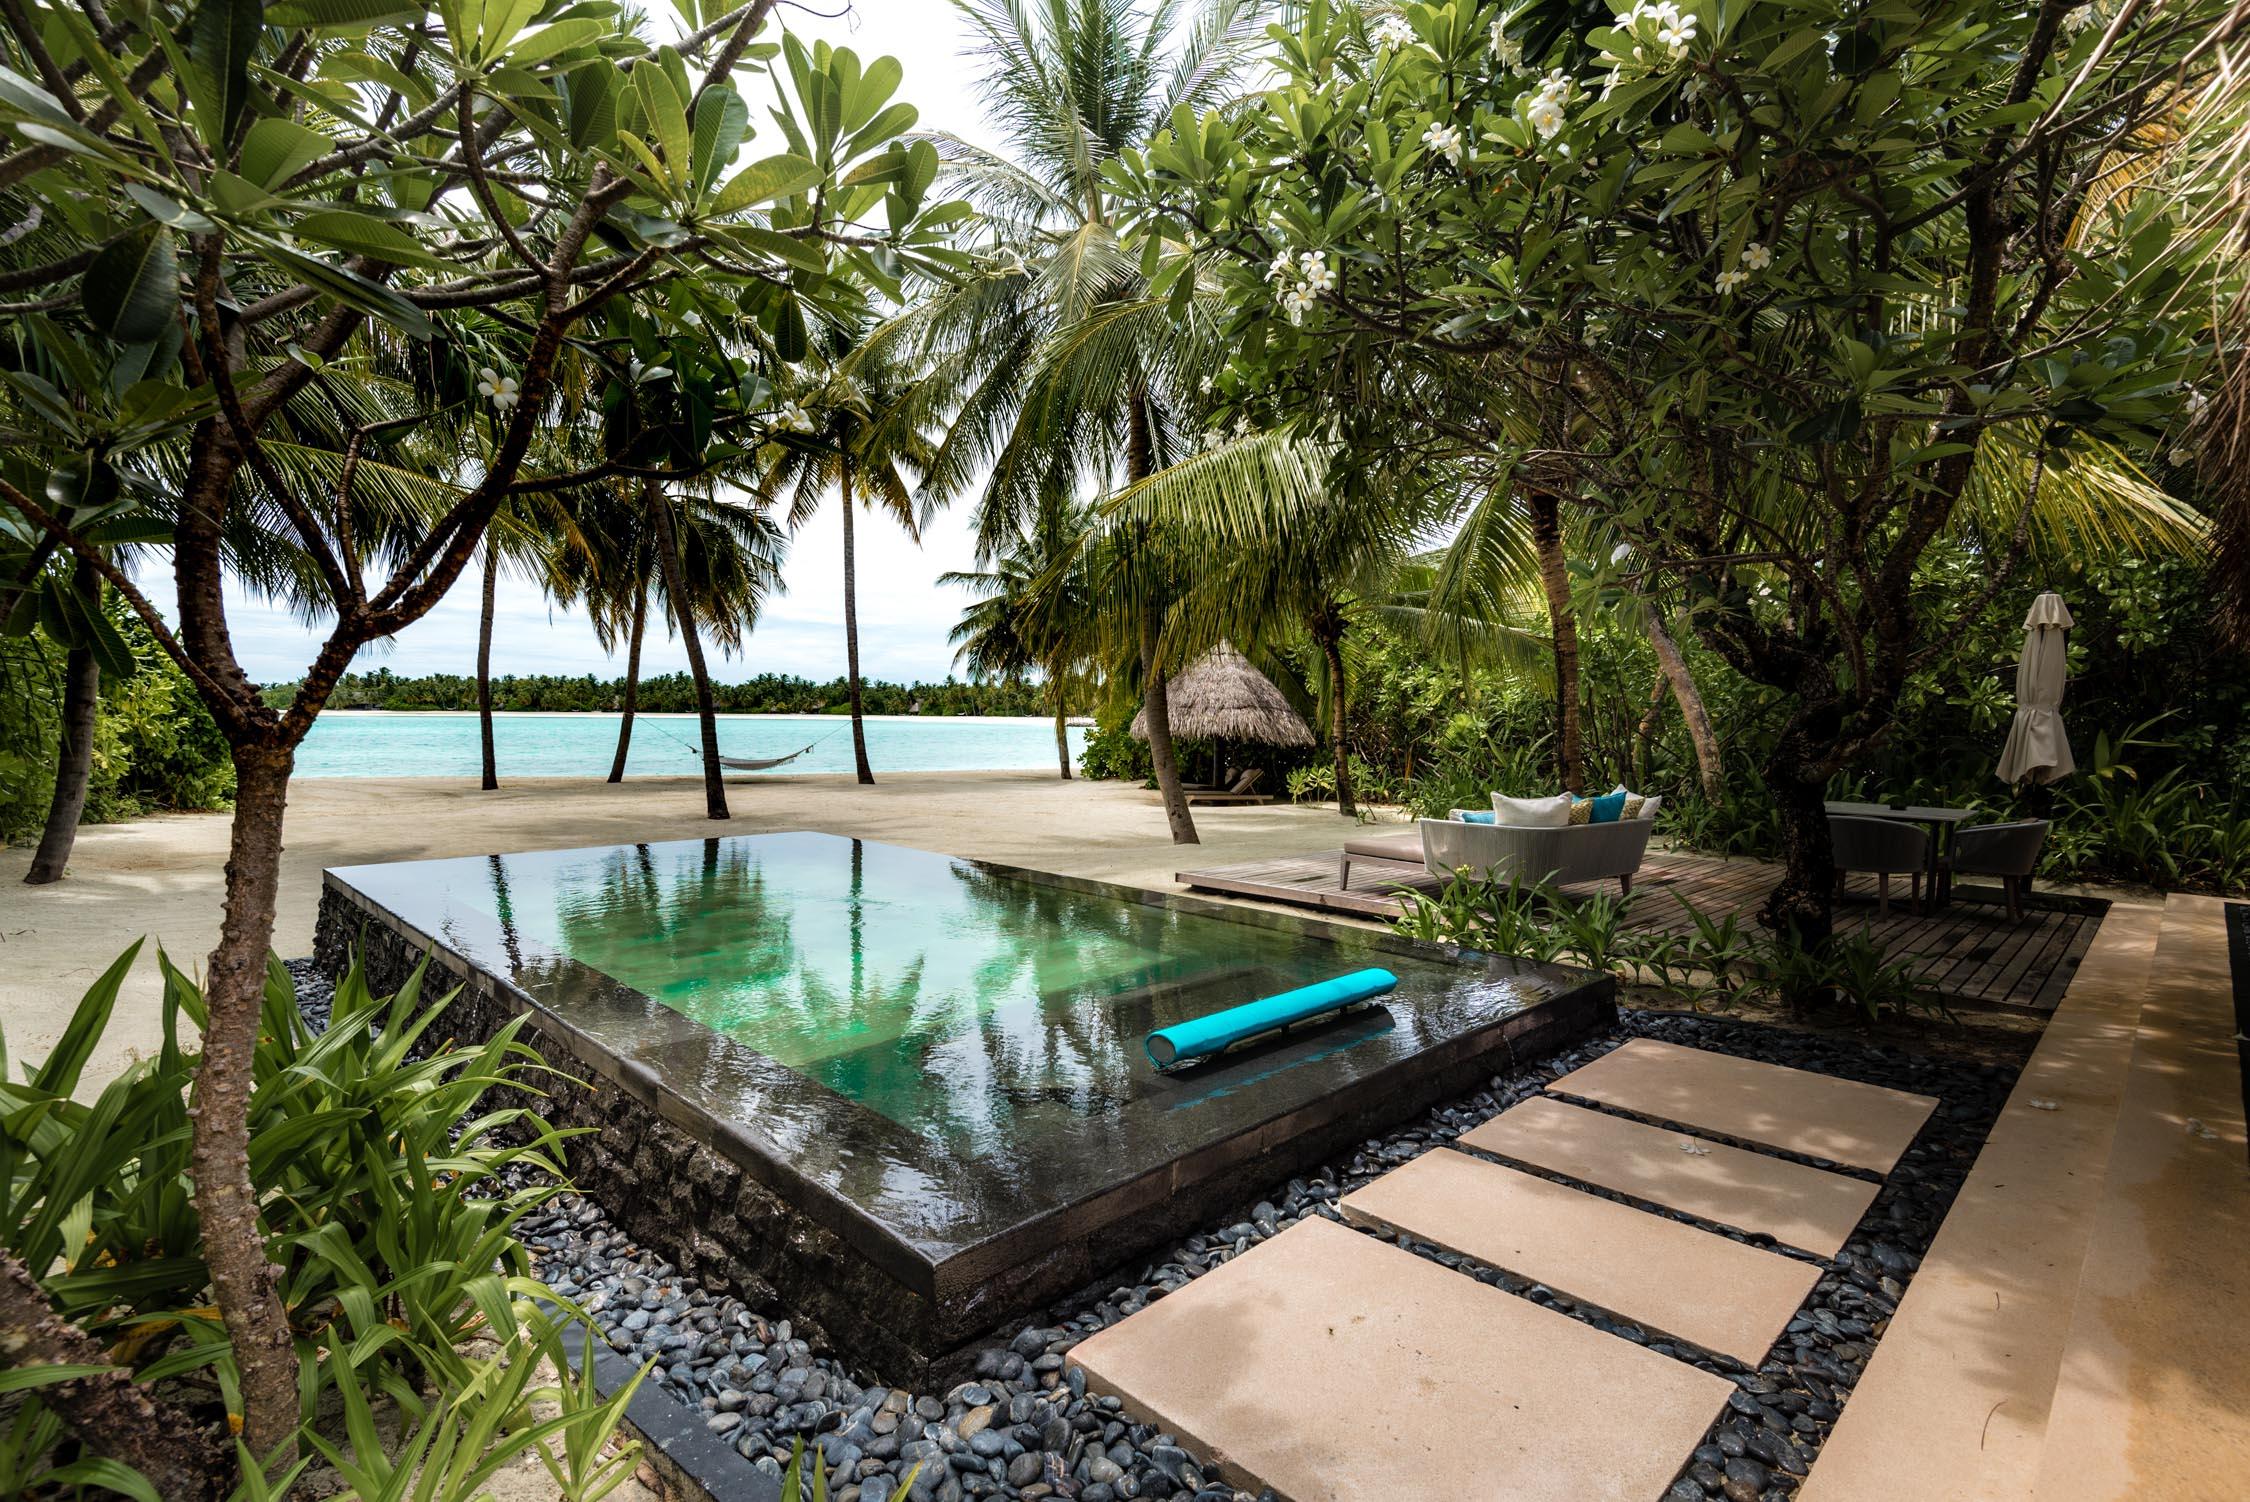 Maldives_Reethi-Rah-15-20170519.jpg